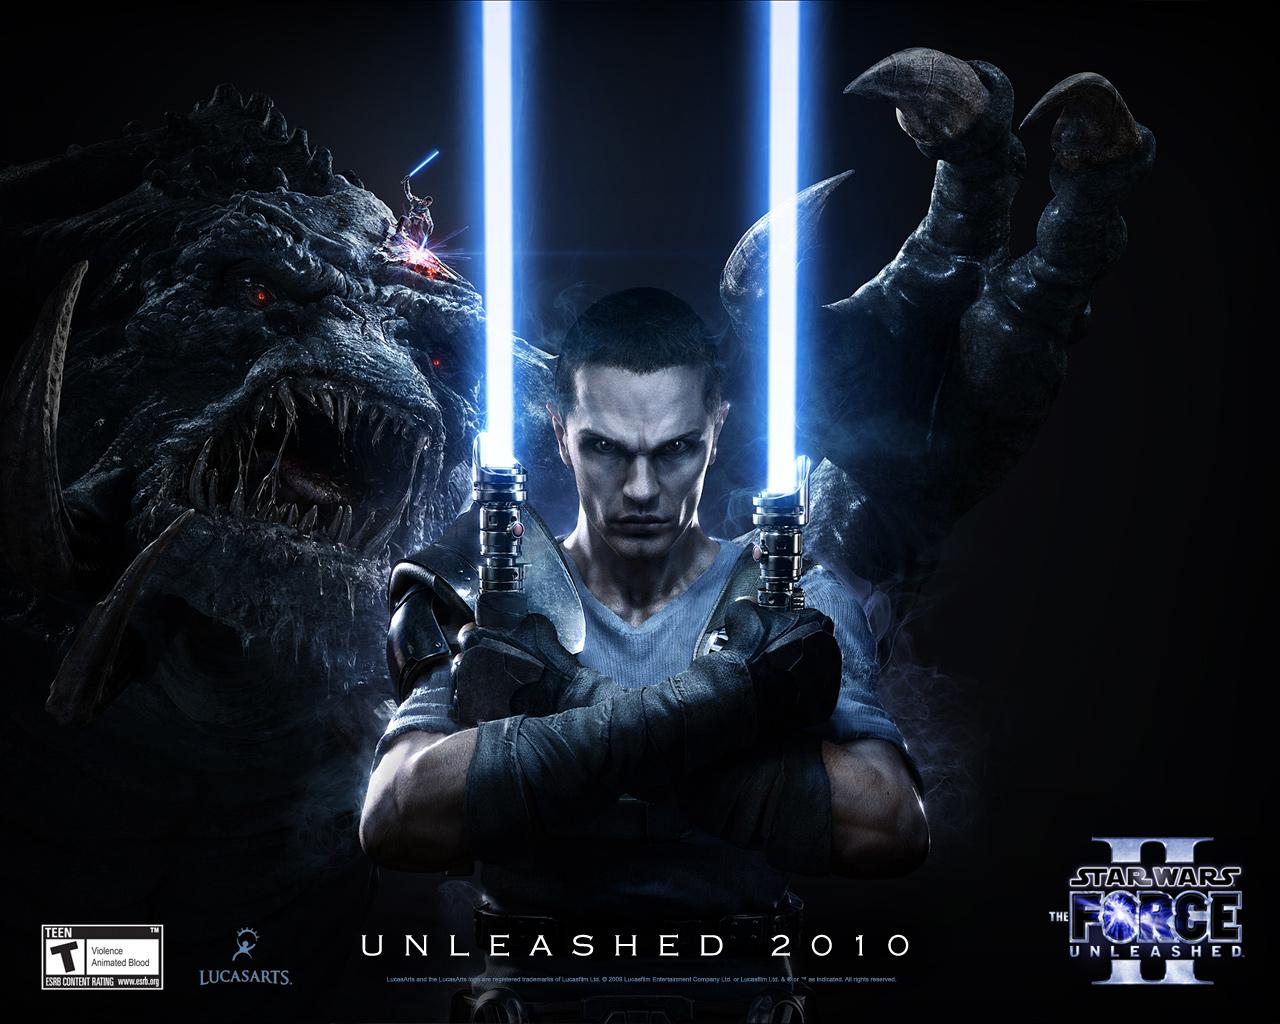 Star wars. The force unleashed 3 скачать торрент.